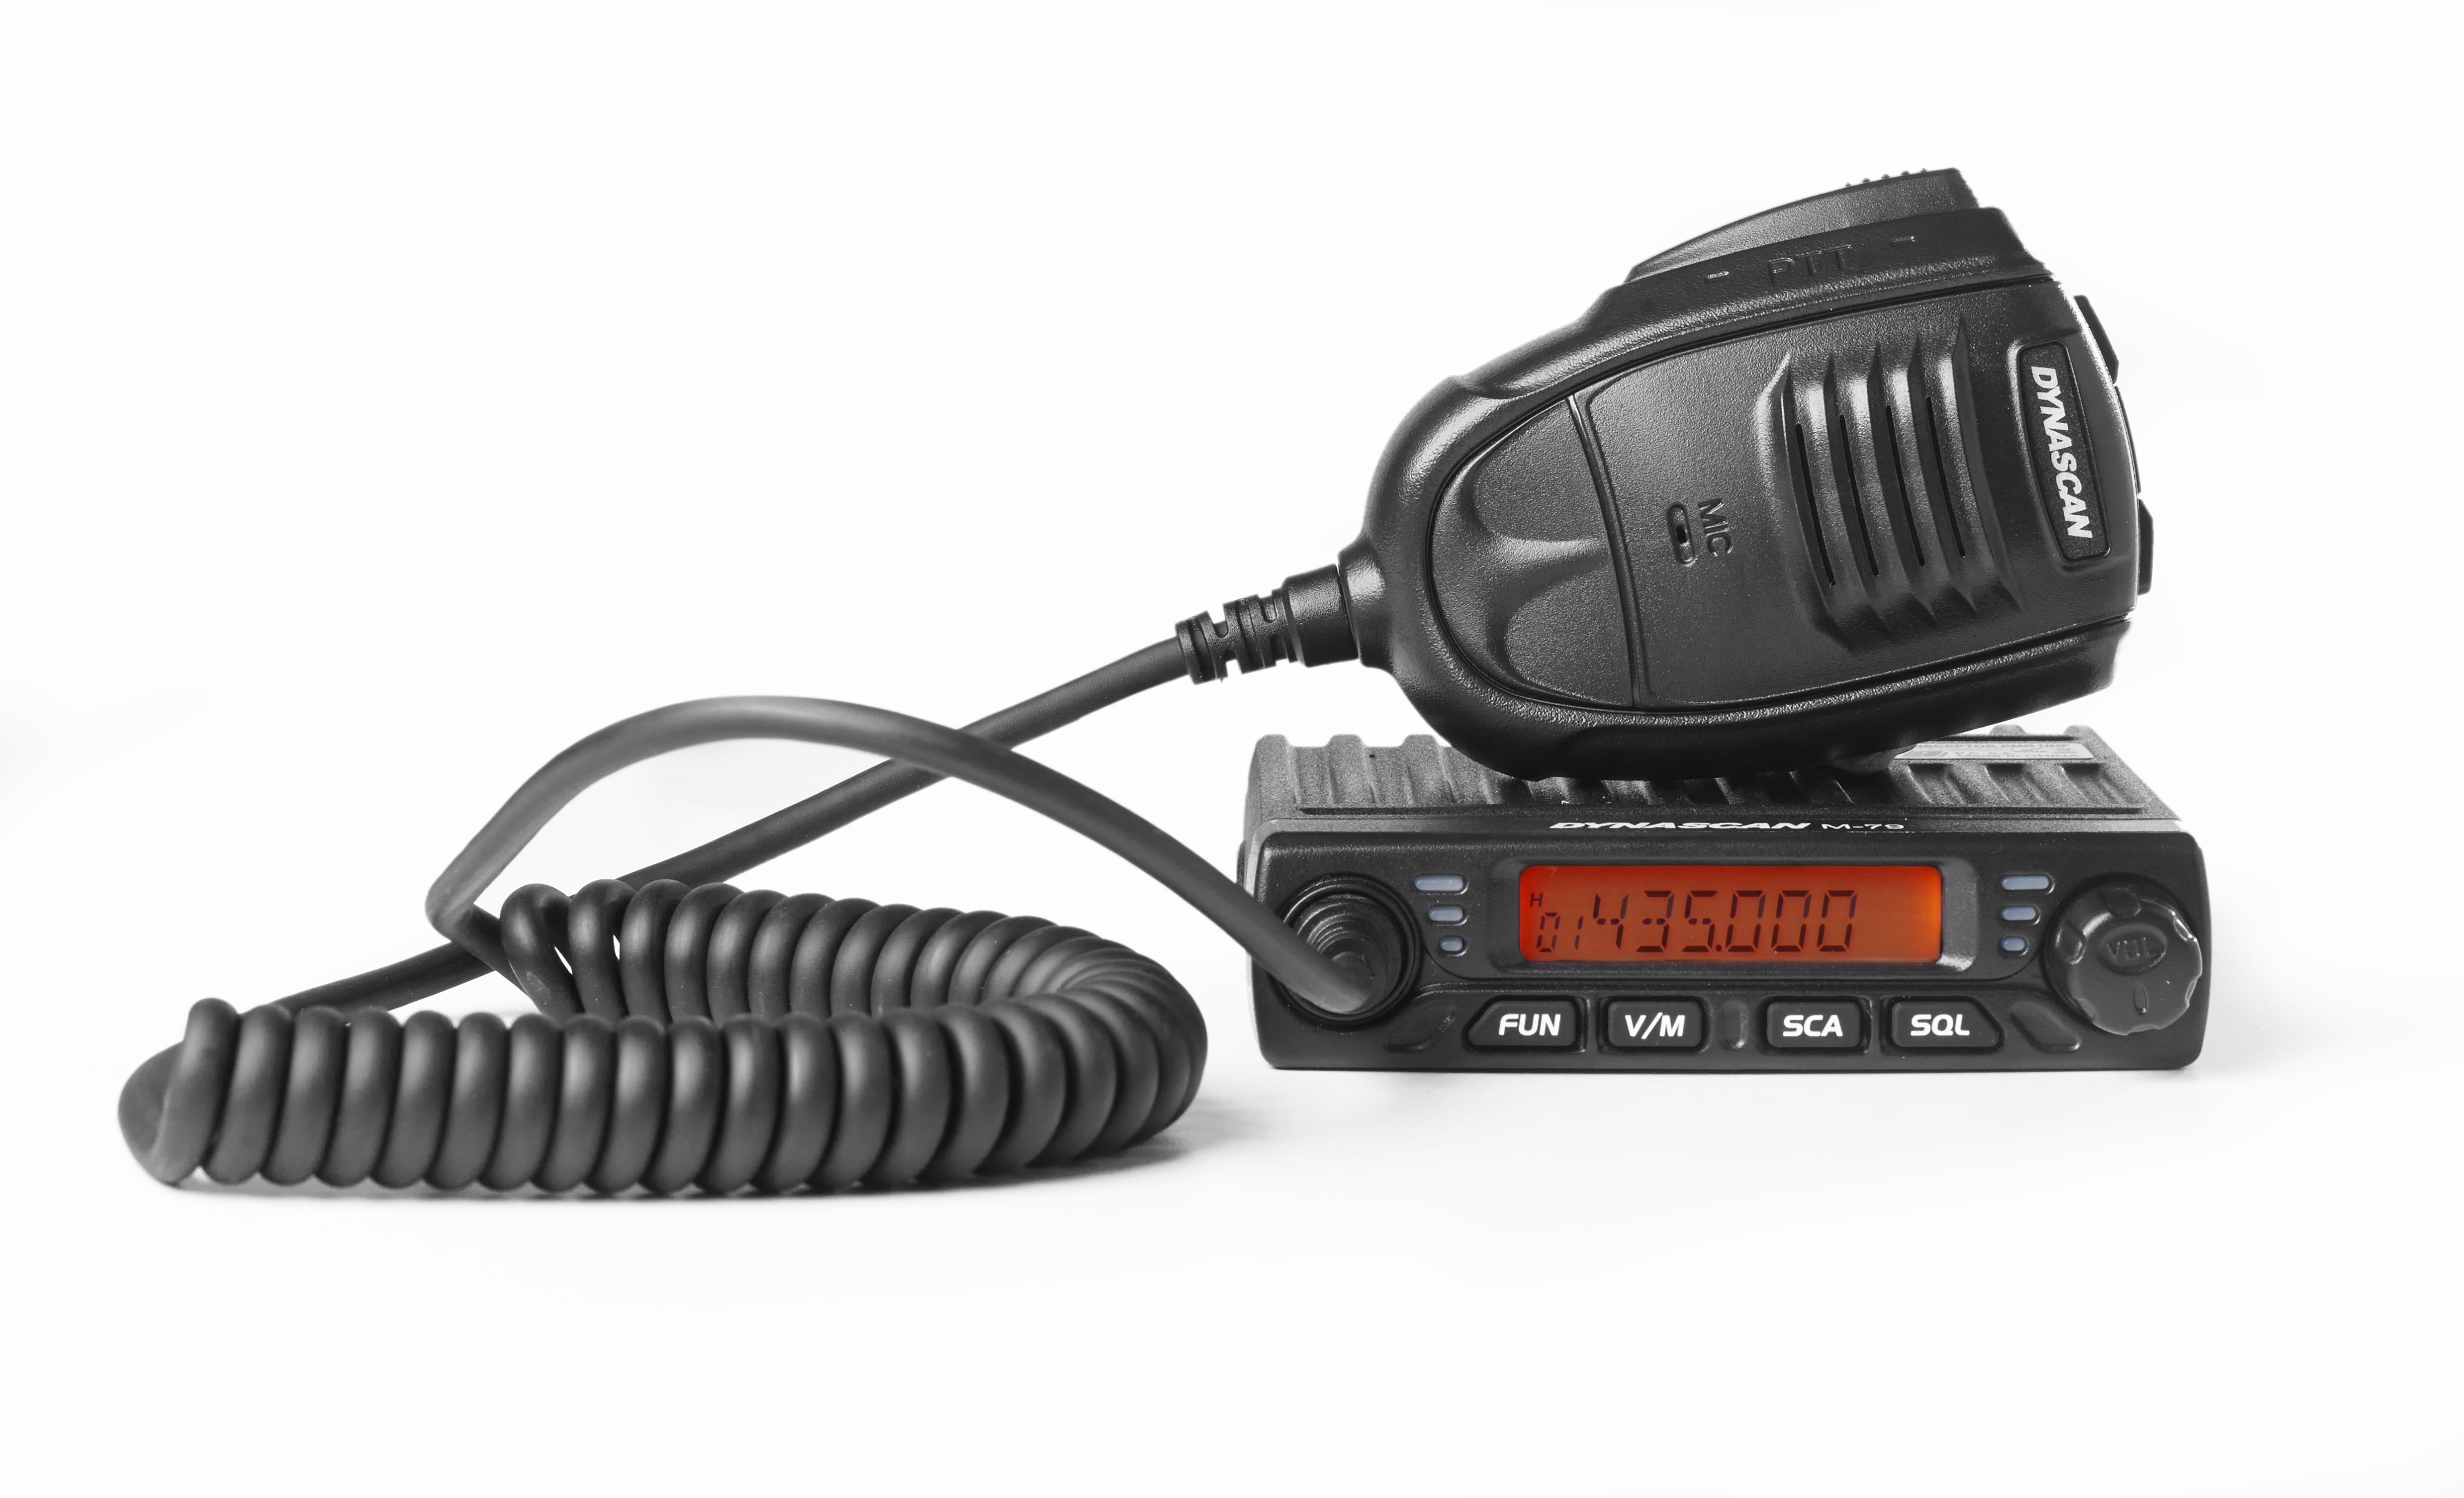 Emisora UHF Dynascan M-79U